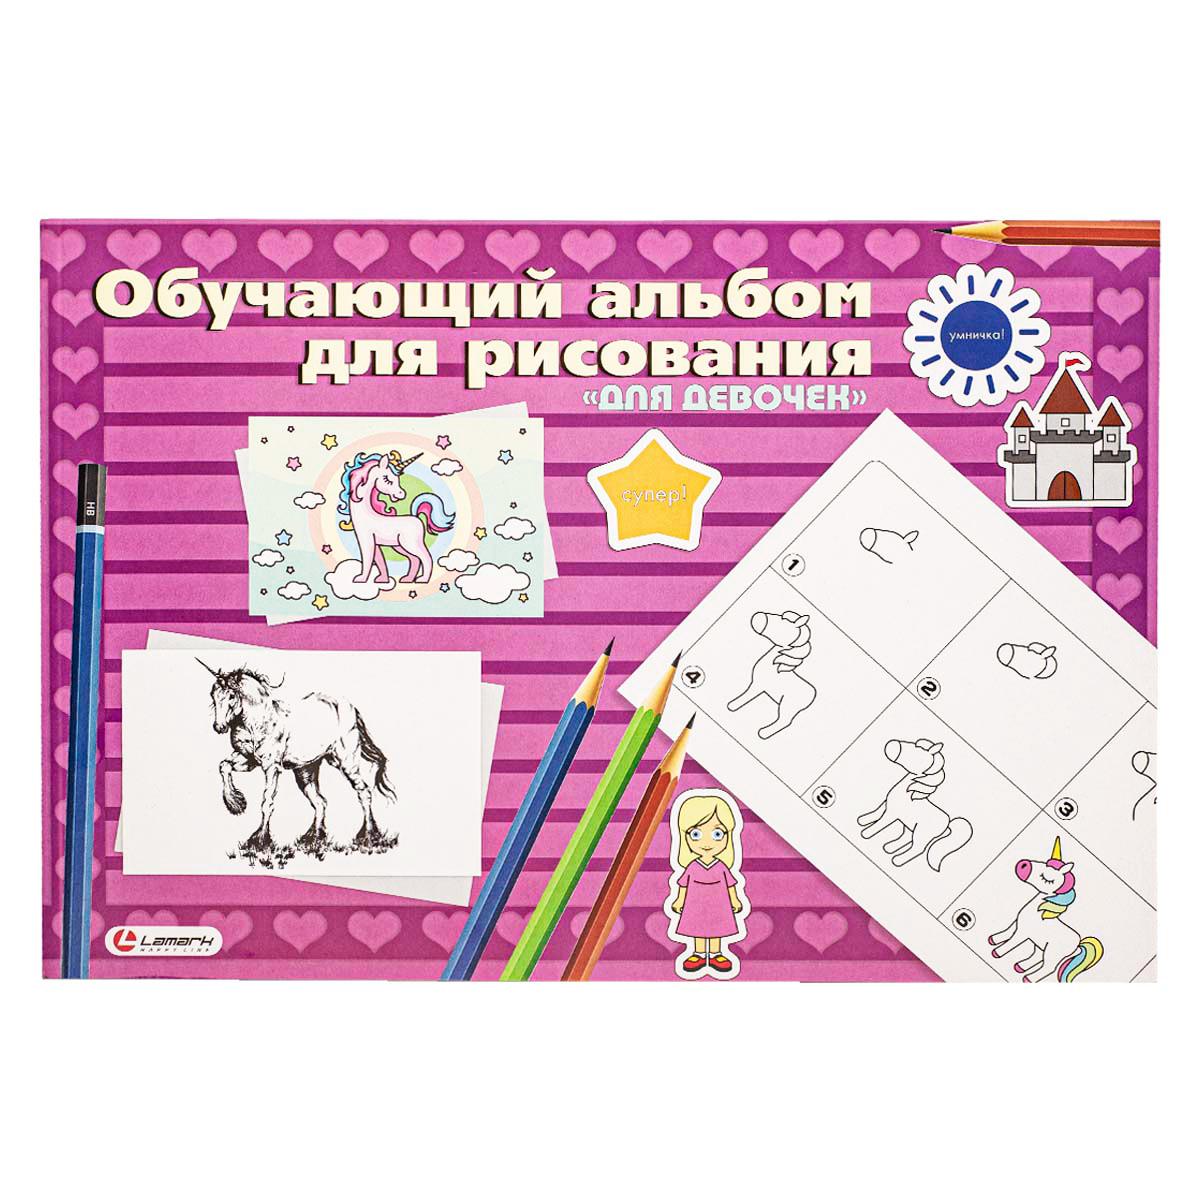 LAMARK28350 Альбом для рисования Обучающий 24л. на склейке Для девочек, 100г/м